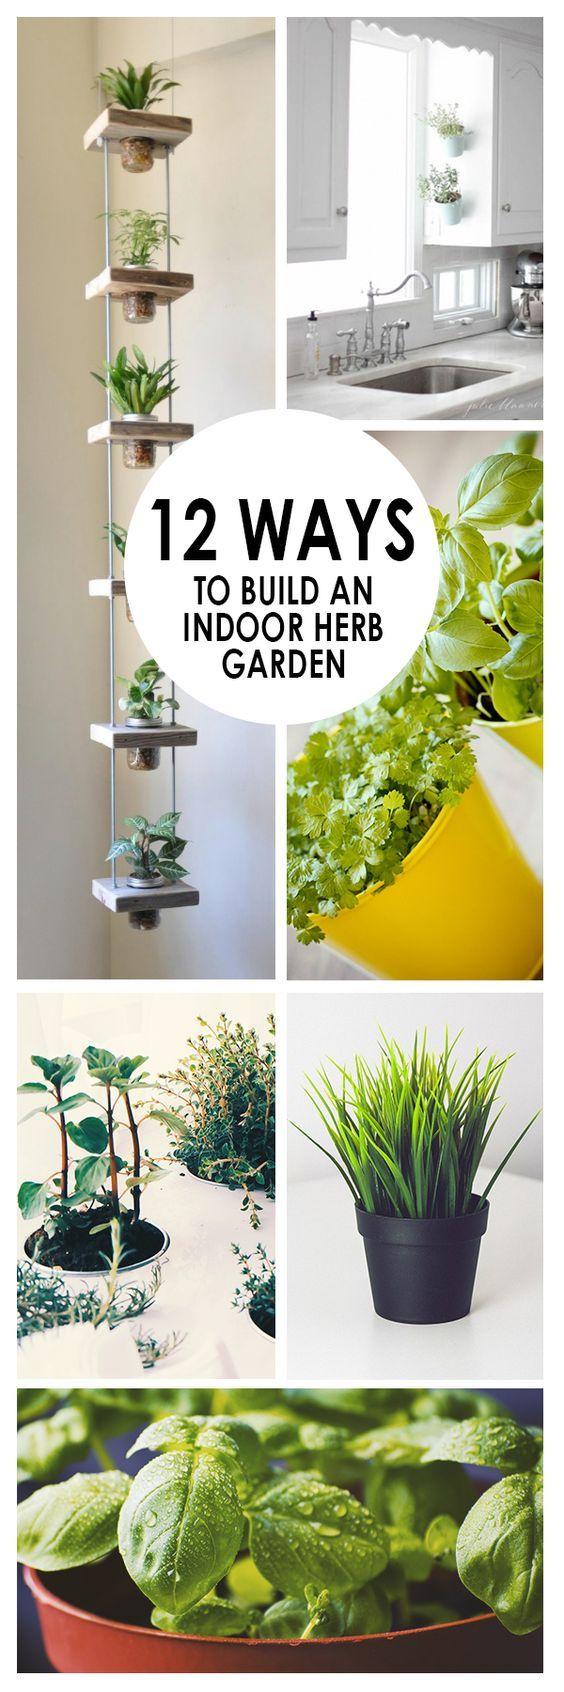 best 25 hydroponic herb garden ideas on pinterest herb garden indoor herbs garden and diy. Black Bedroom Furniture Sets. Home Design Ideas